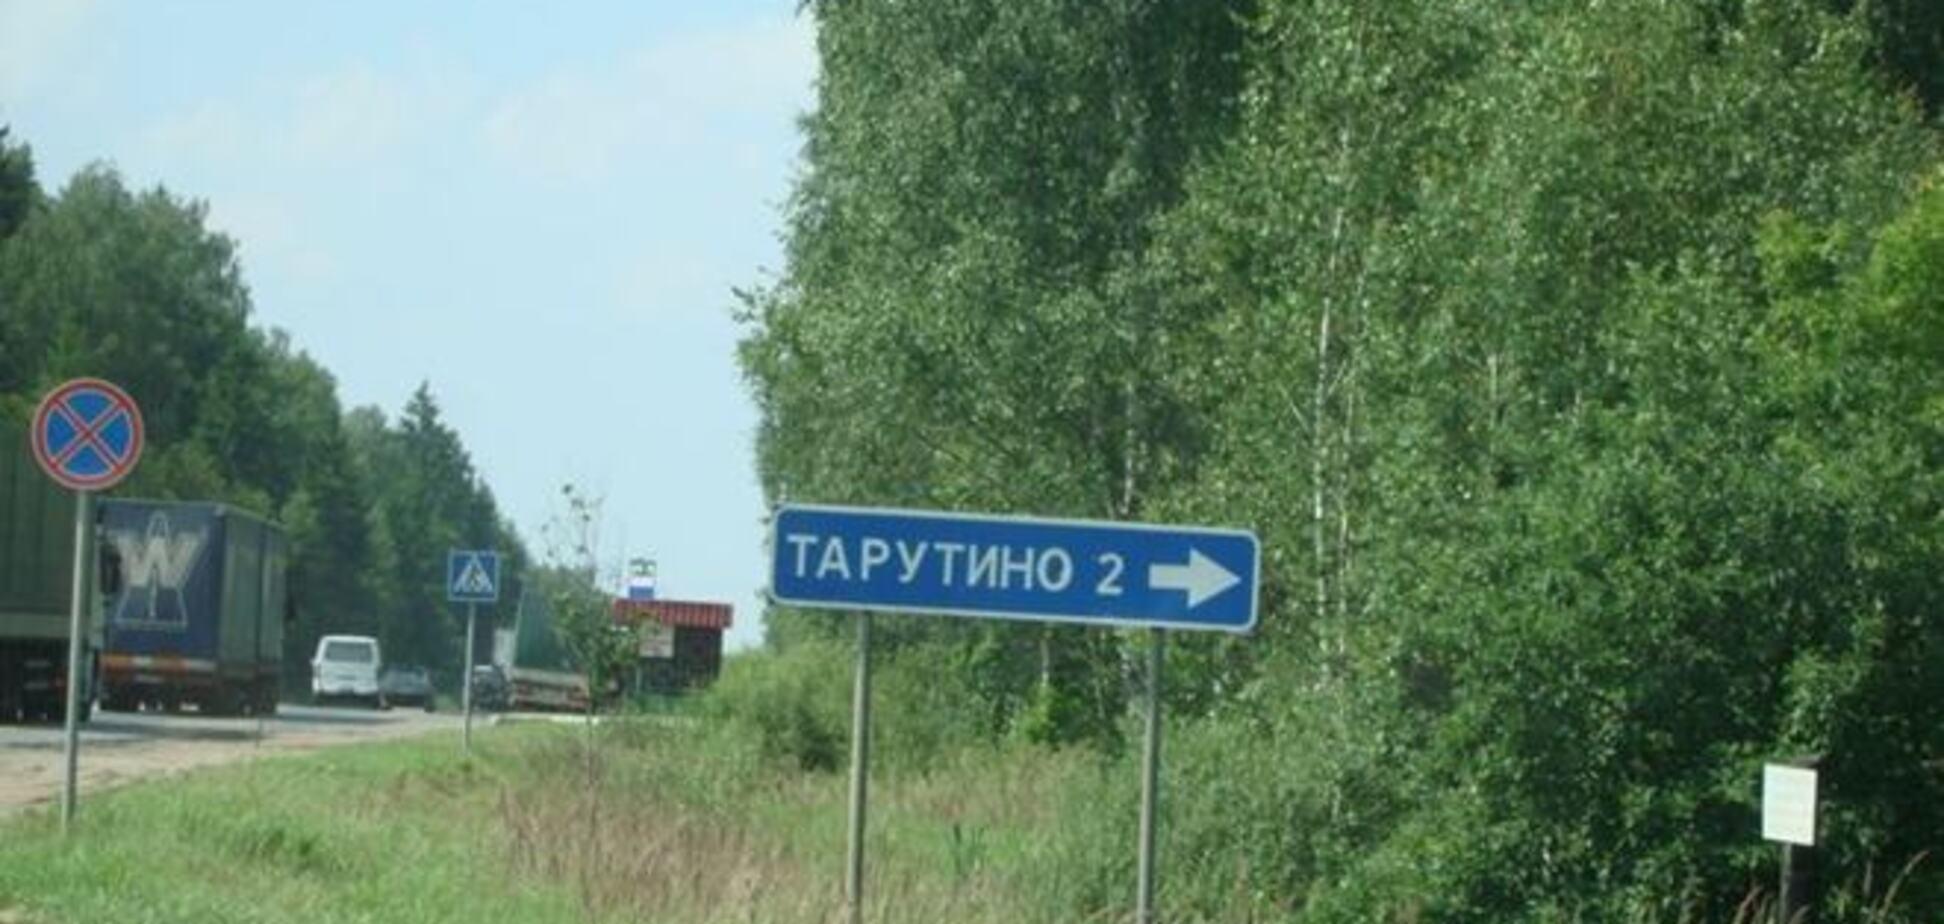 Через підтоплення на півдні Одещини тимчасово відселили більше сотні людей